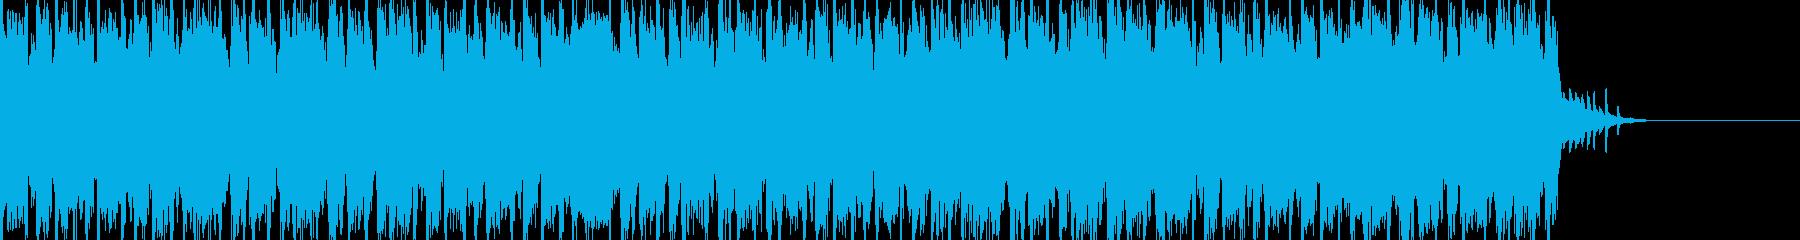 明るい民族風BGMの再生済みの波形